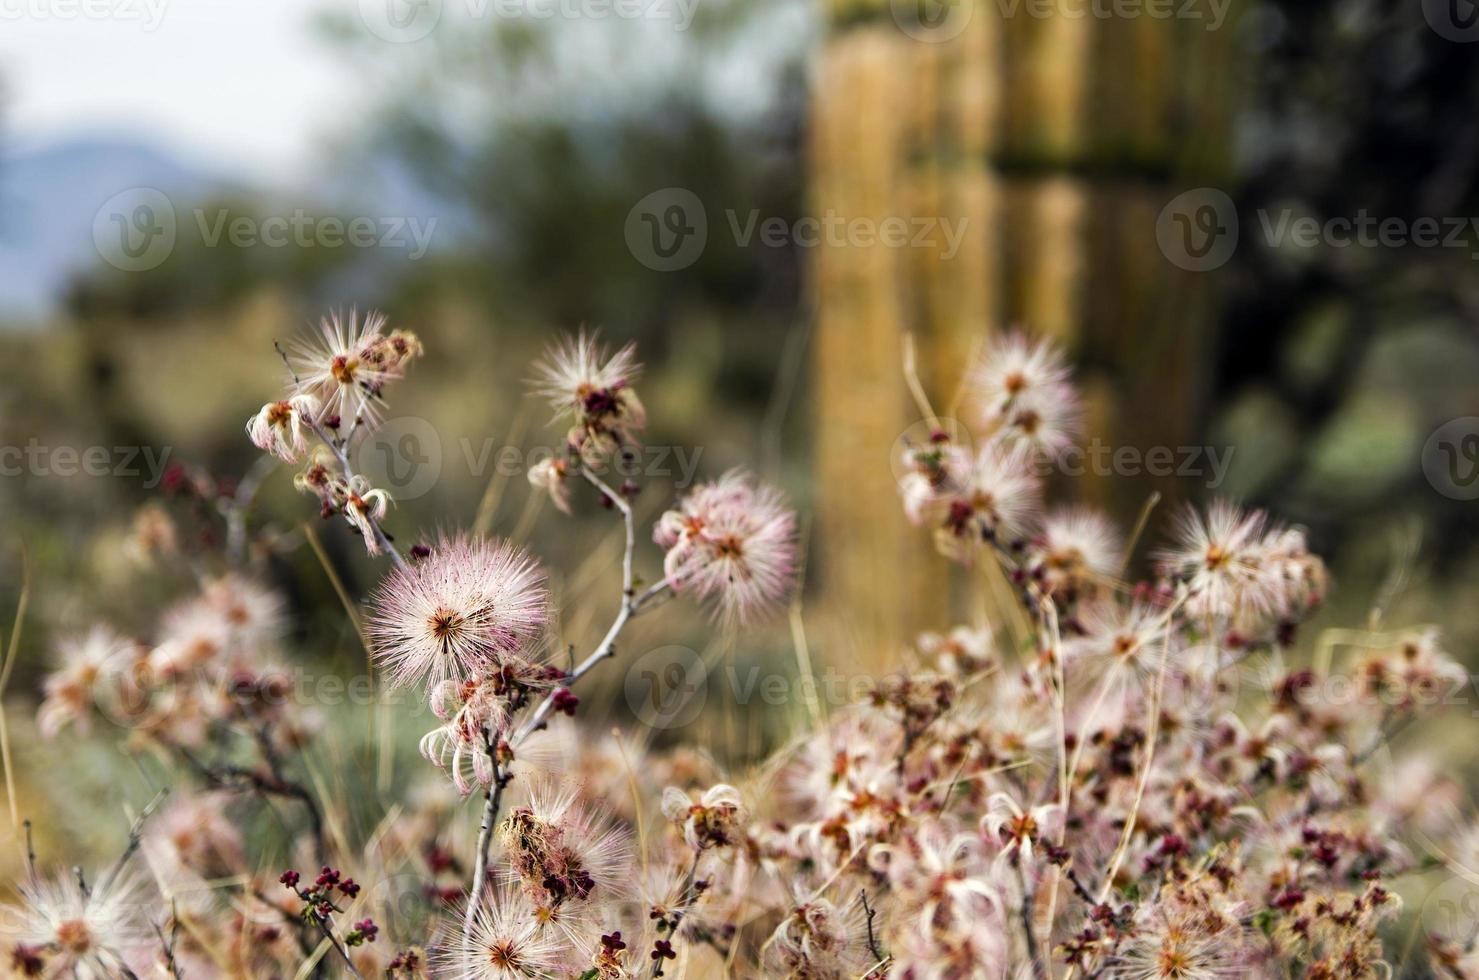 fiori selvaggi al parco nazionale del saguaro, Tucson, Arizona foto